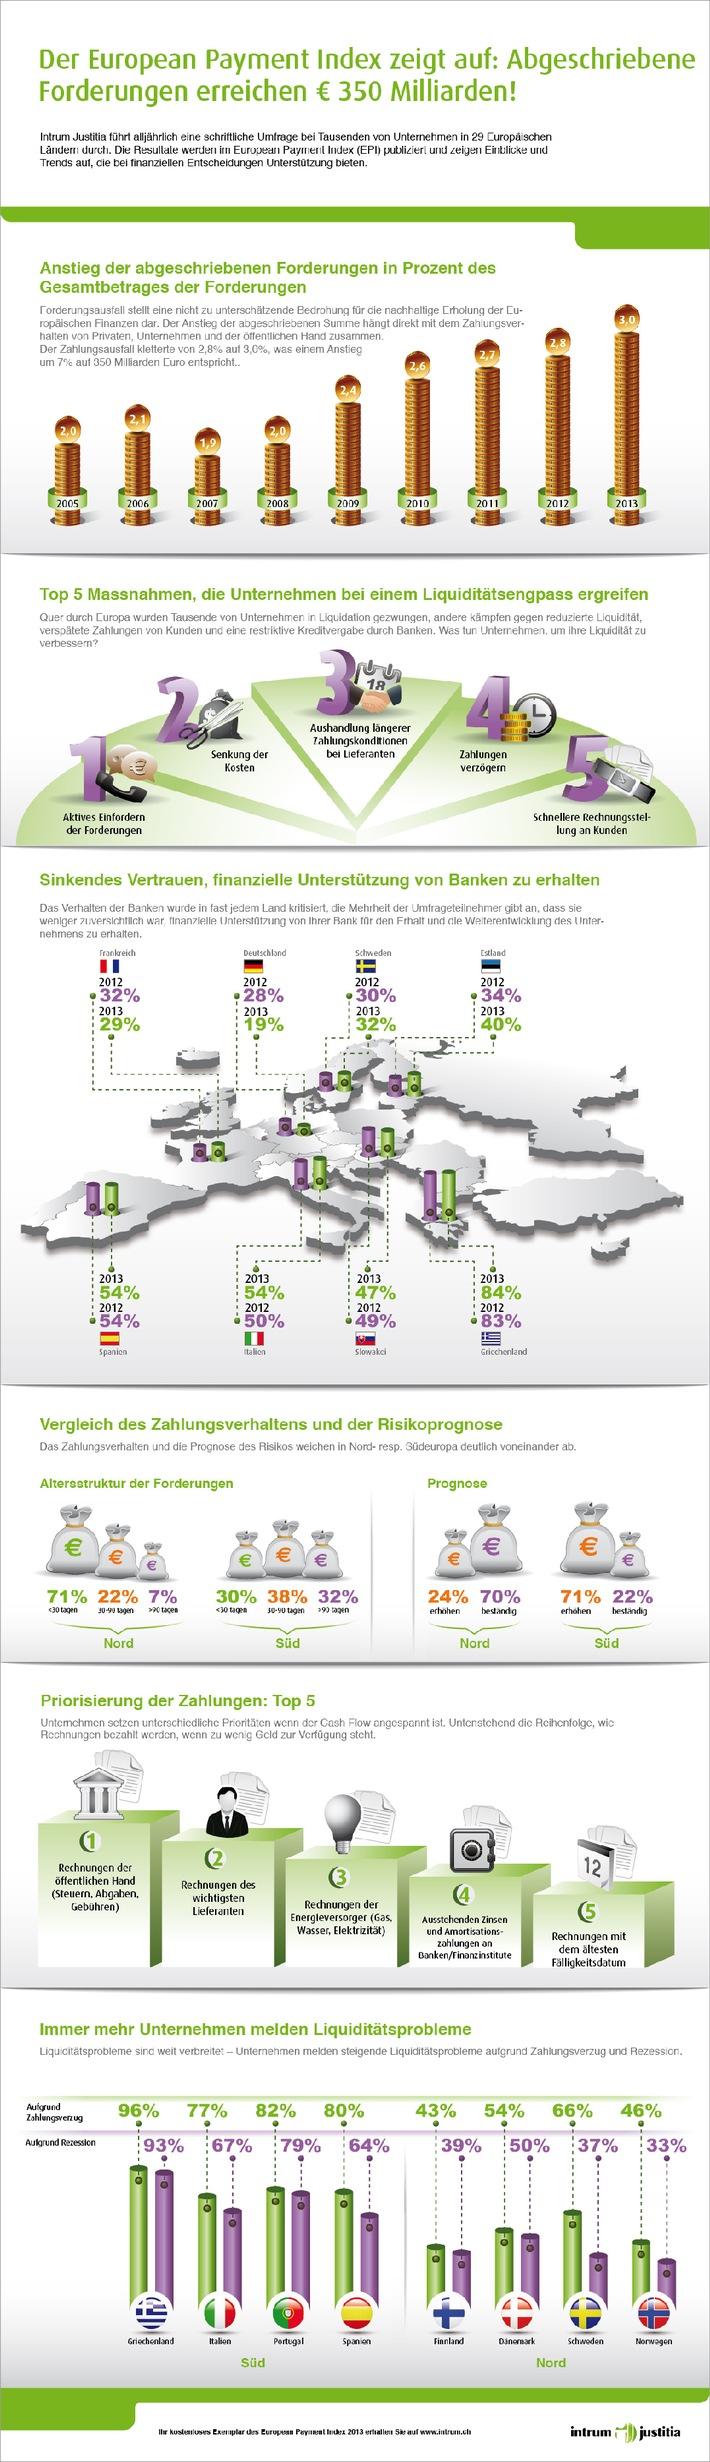 European Payment Index 2013 - aktuelle Studie von Intrum Justitia: Abgeschriebene Forderungen von Schweizer Unternehmen erreichen fast 8 Milliarden Schweizer Franken (BILD)